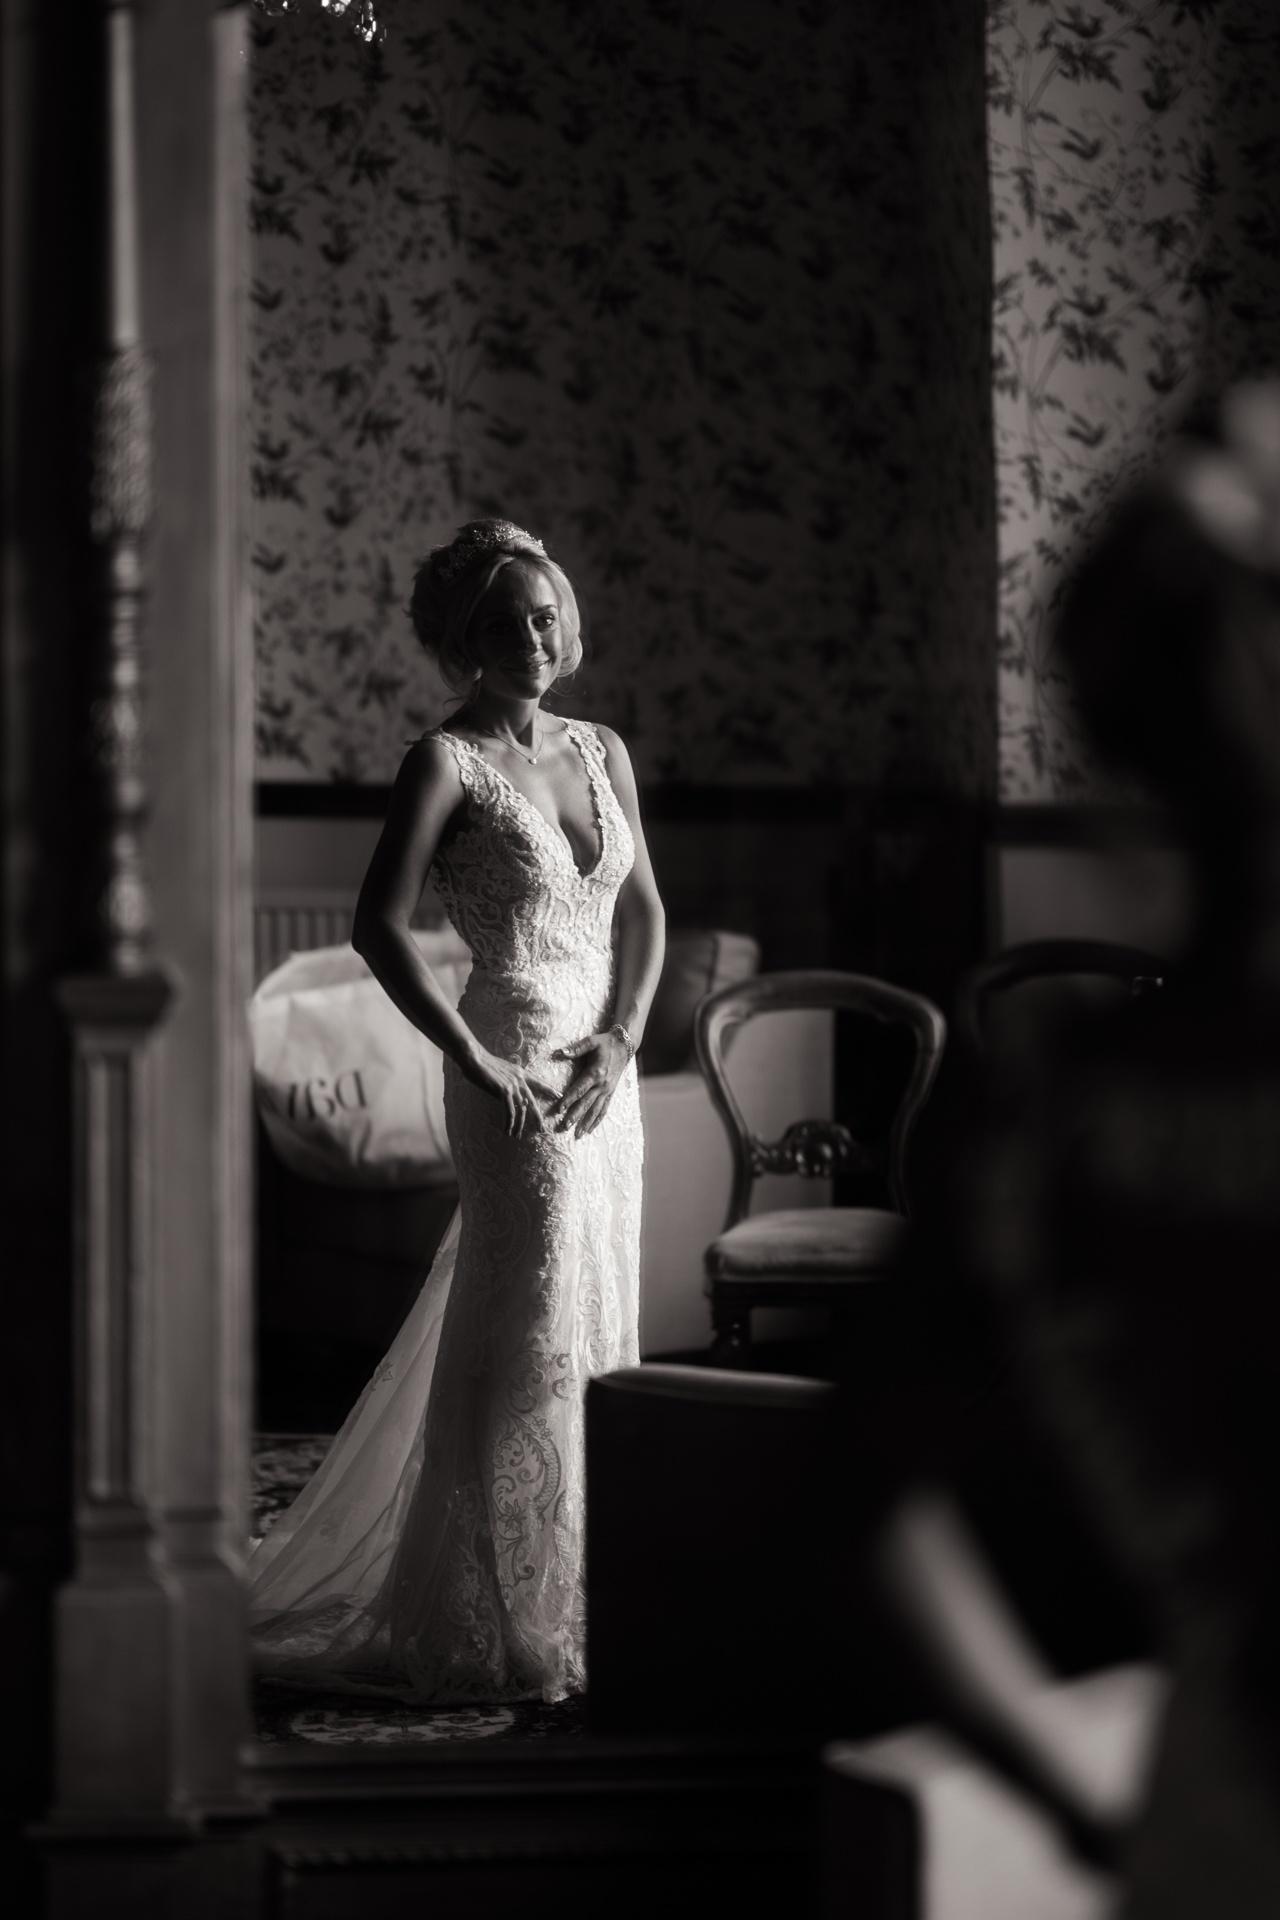 huntsham-court-wedding-photographer-011